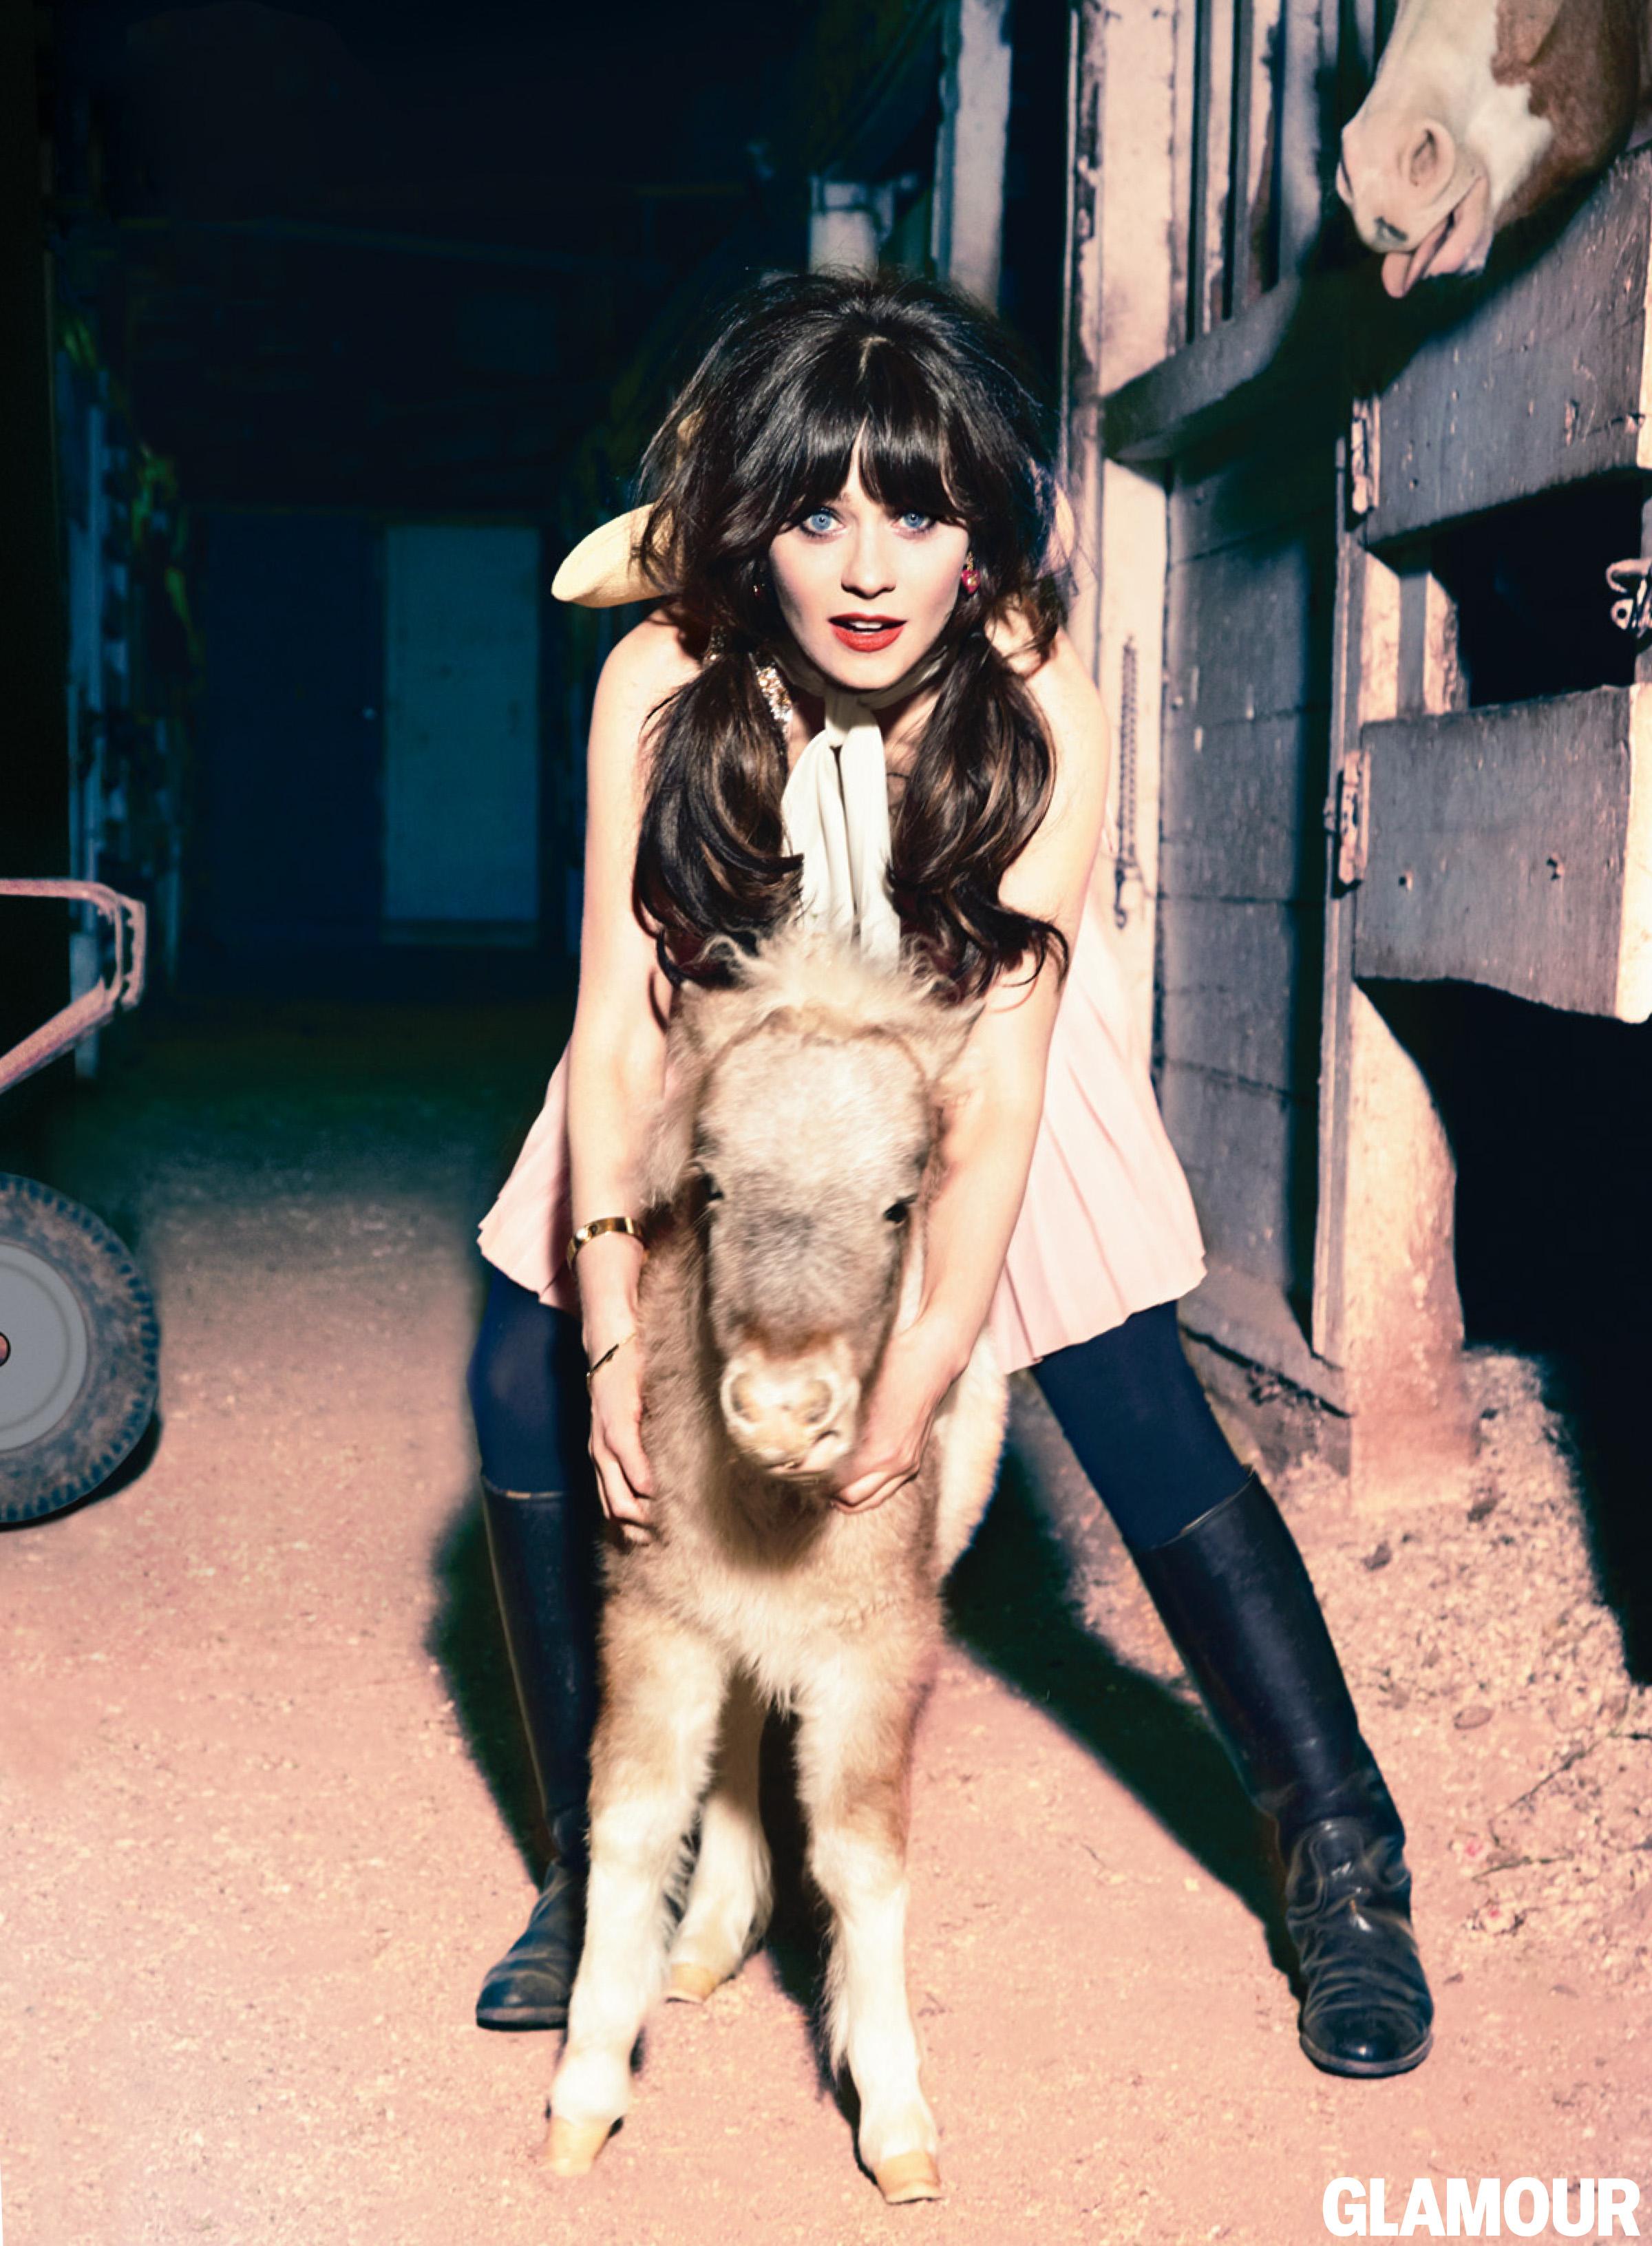 Zooey Deschanel in Glamour Magazine